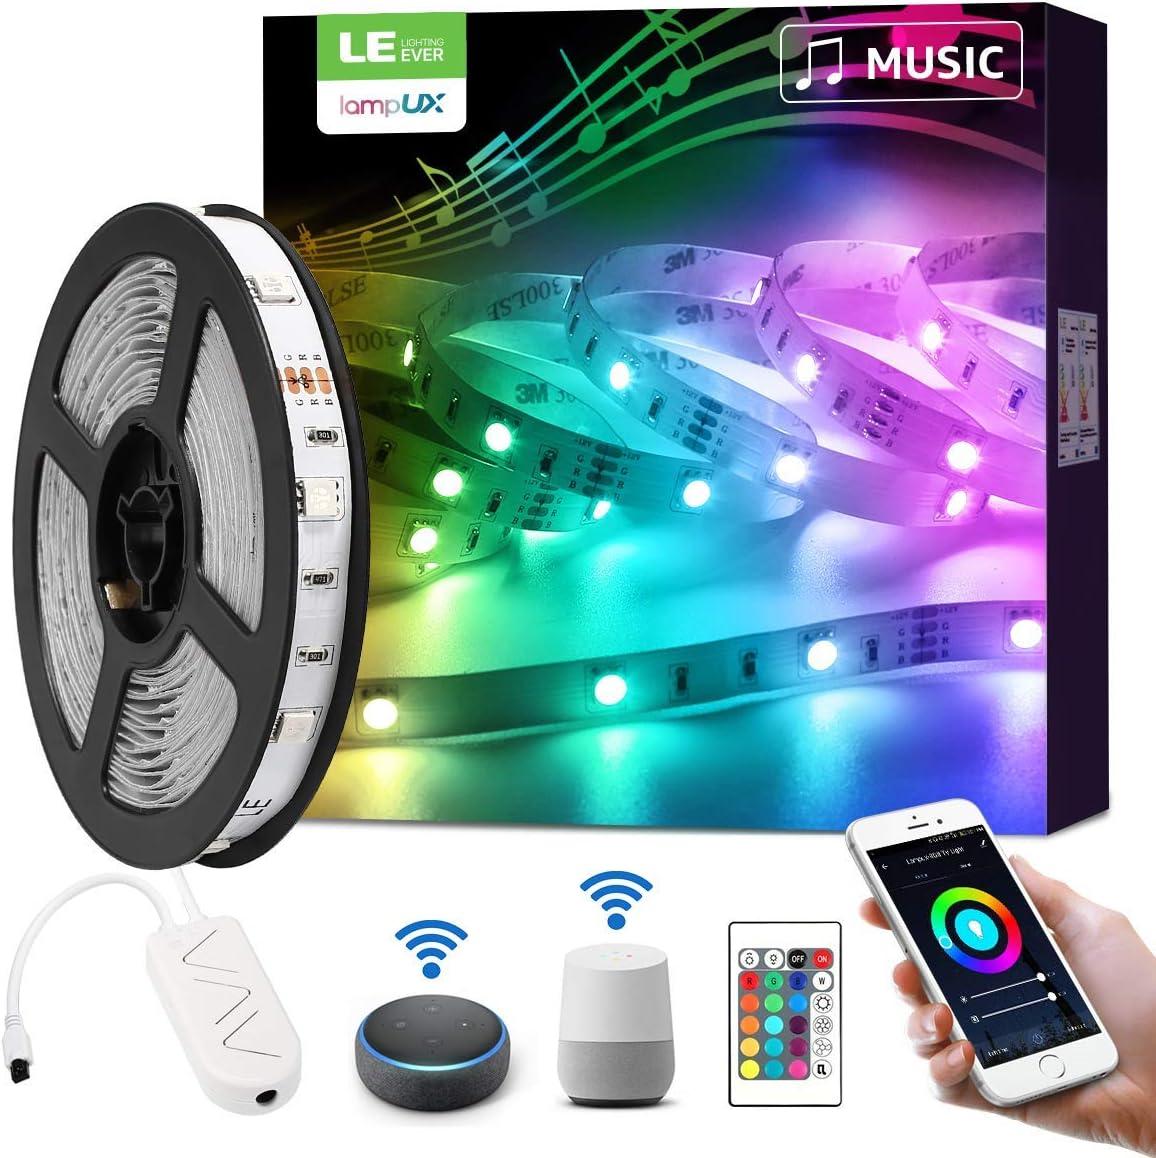 LE Luces de Tiras LED 5M 24W Luz RGB, Control de Voz y APP Inteligente, WiFi Tira TV de la Música Compatible con Alexa y Google Home, Decoración para el Hogar, Boda y más (Solo 2,4 GHz)